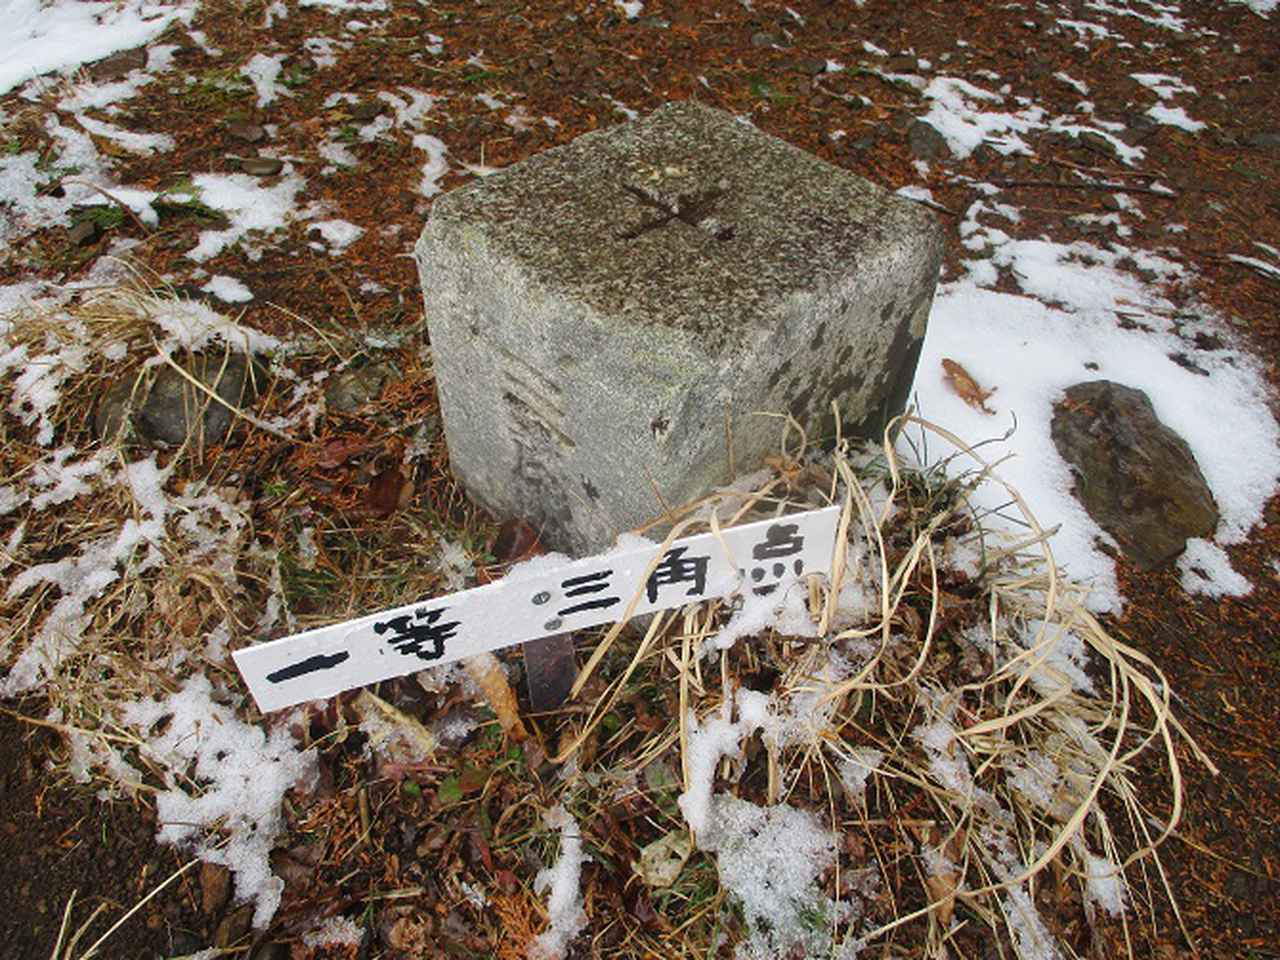 画像12: 来年冬の企画素材を探して静岡県の山を歩いてみました!